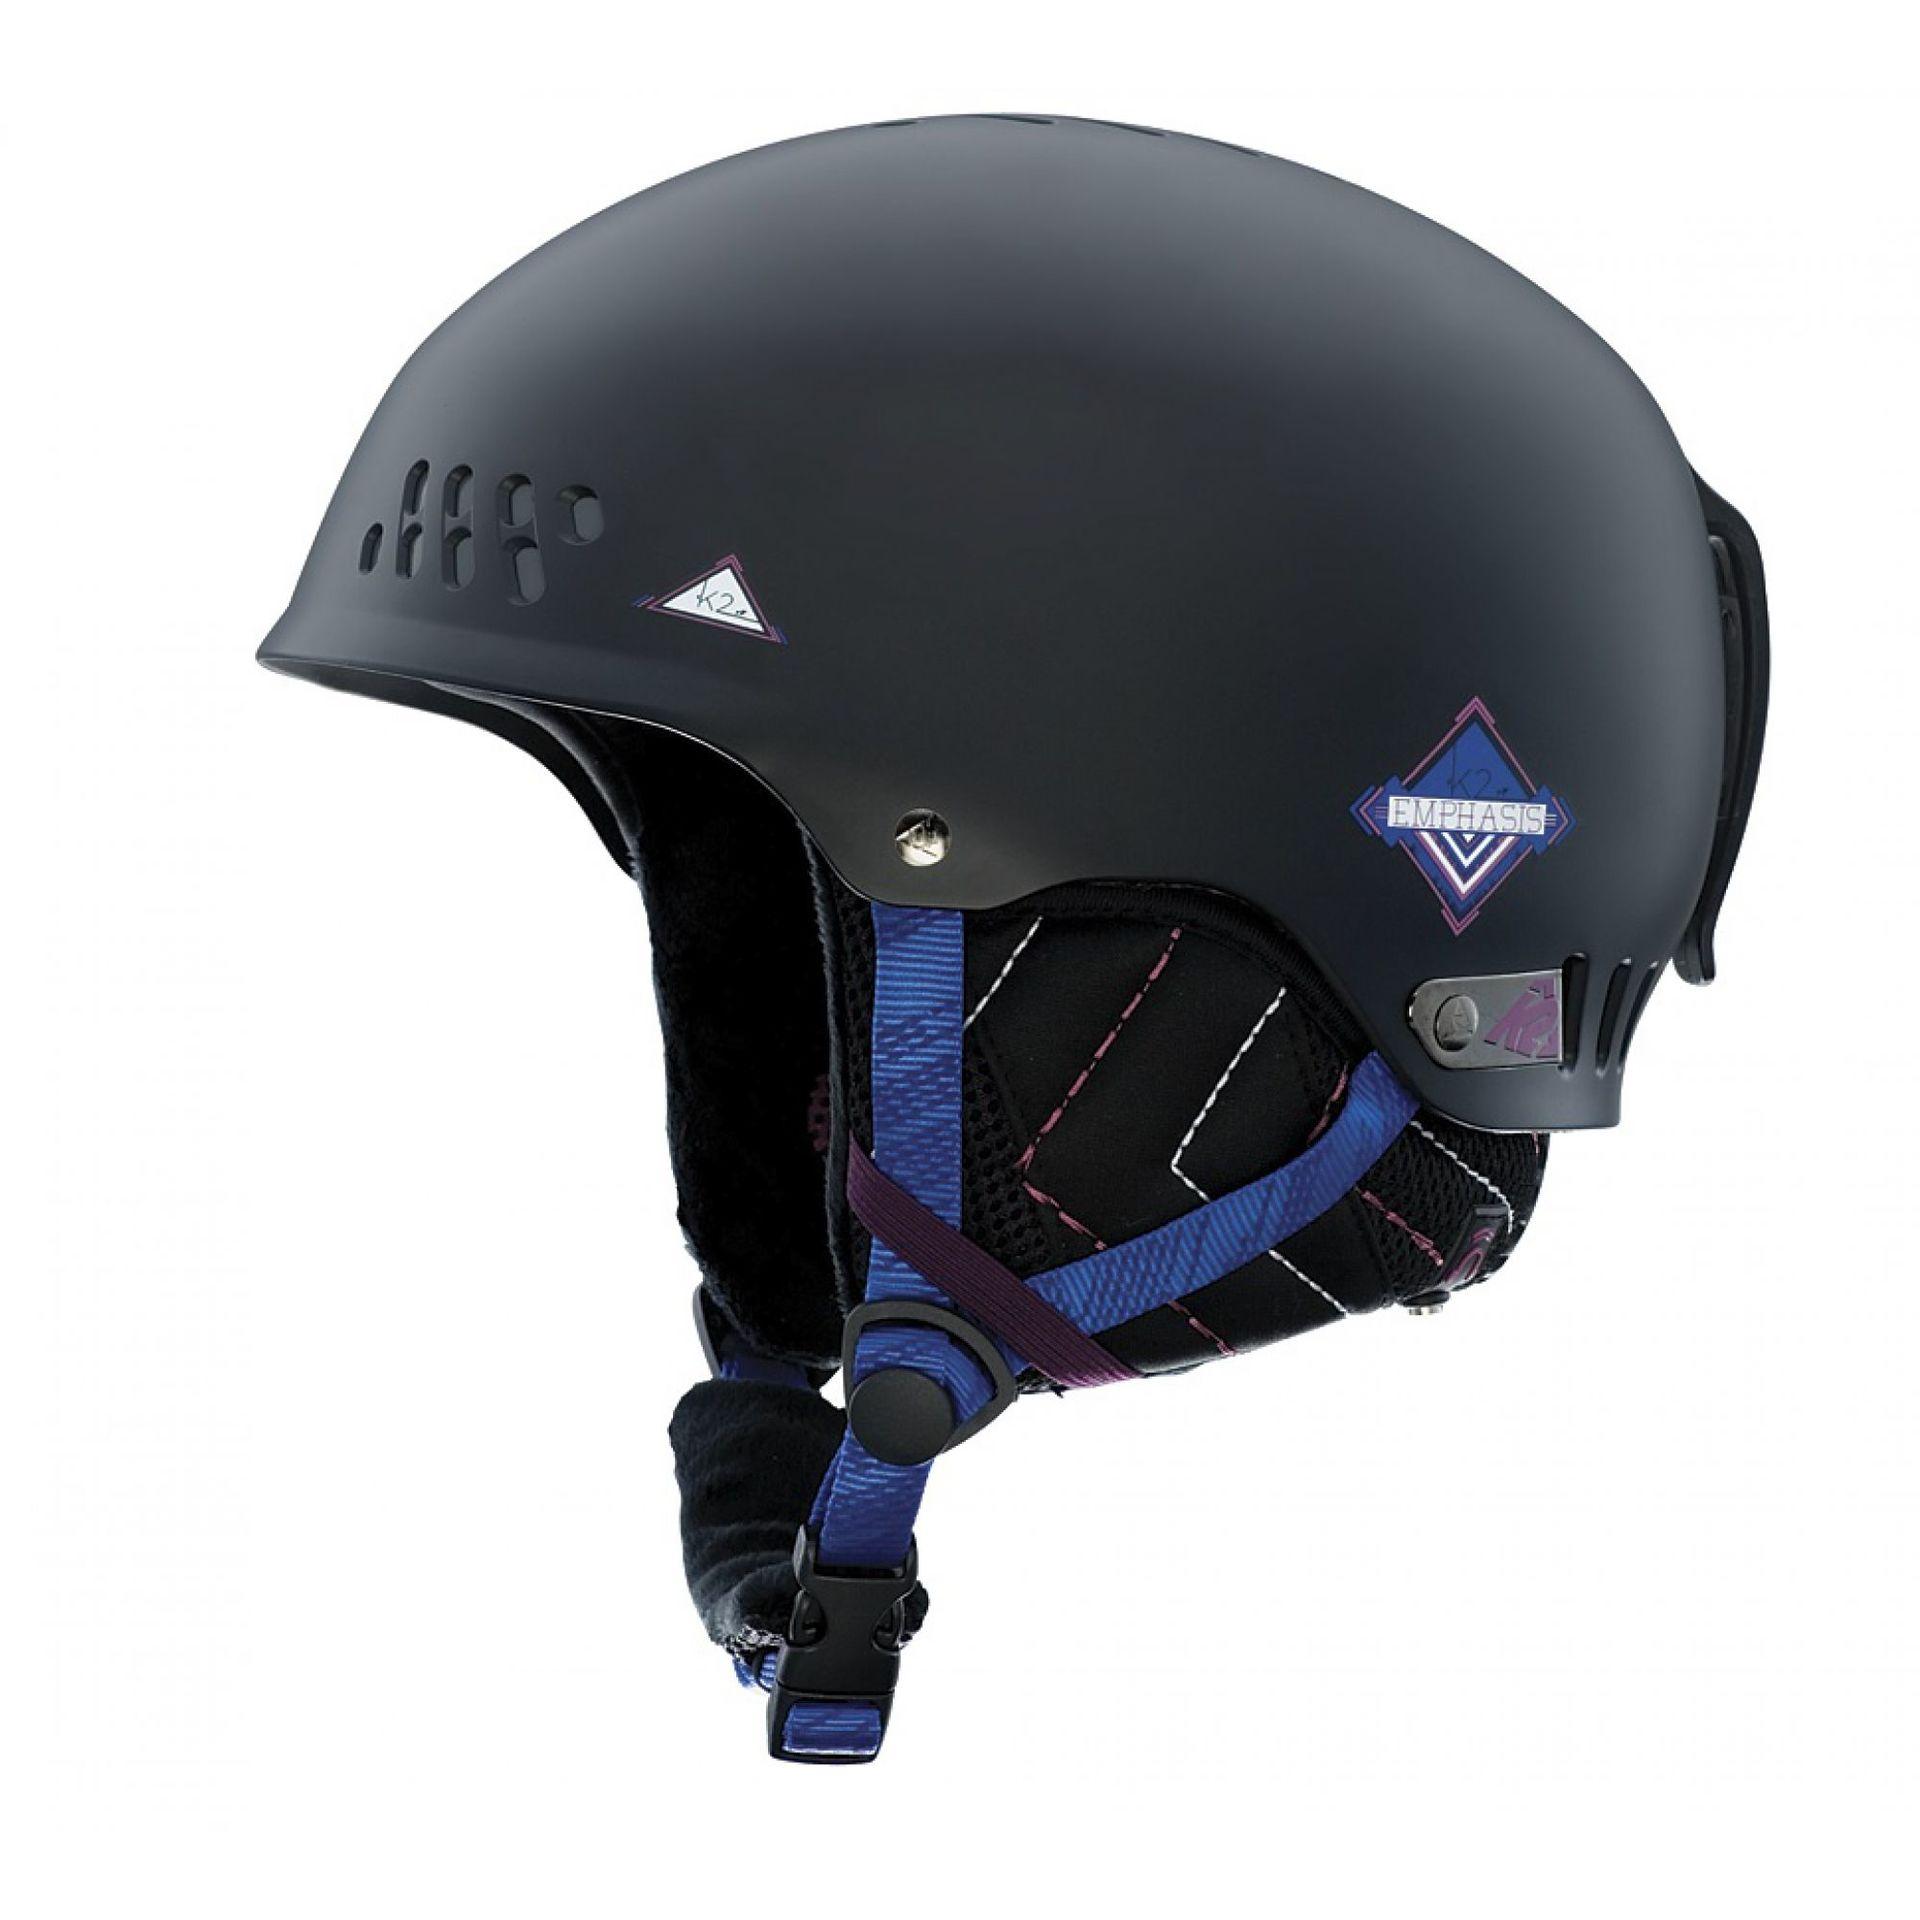 KASK K2 EMPHASIS BLACK